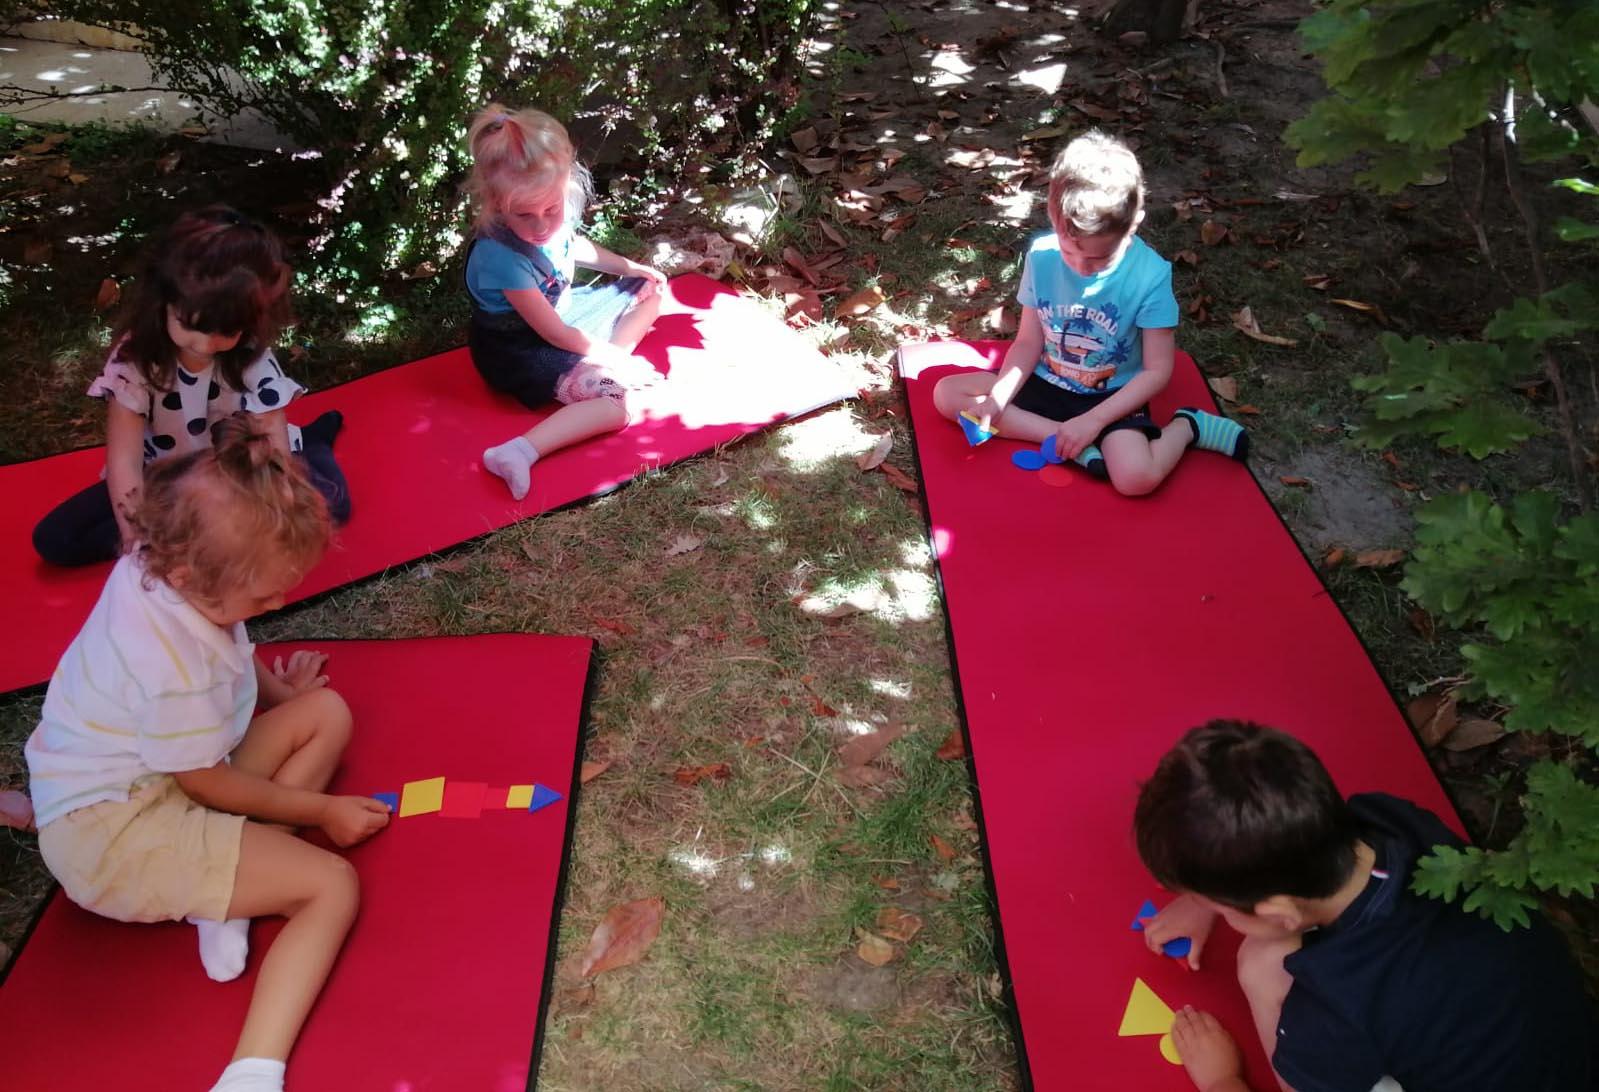 Activitate în aer liber • Gradinița Căsuța din pădure Constanța